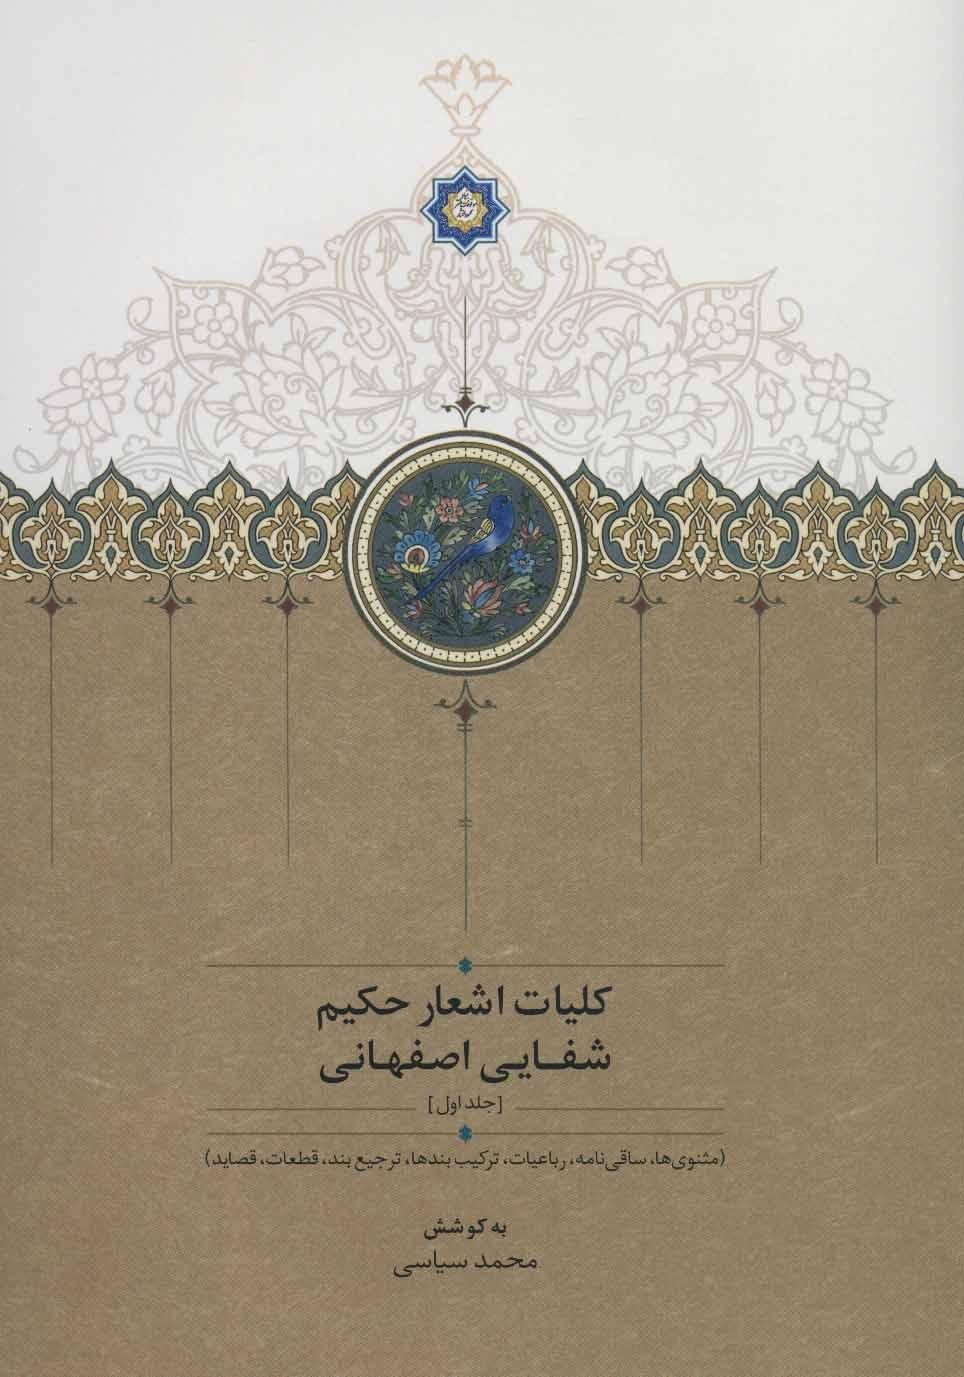 کلیات اشعار حکیم شفایی اصفهانی (2جلدی)